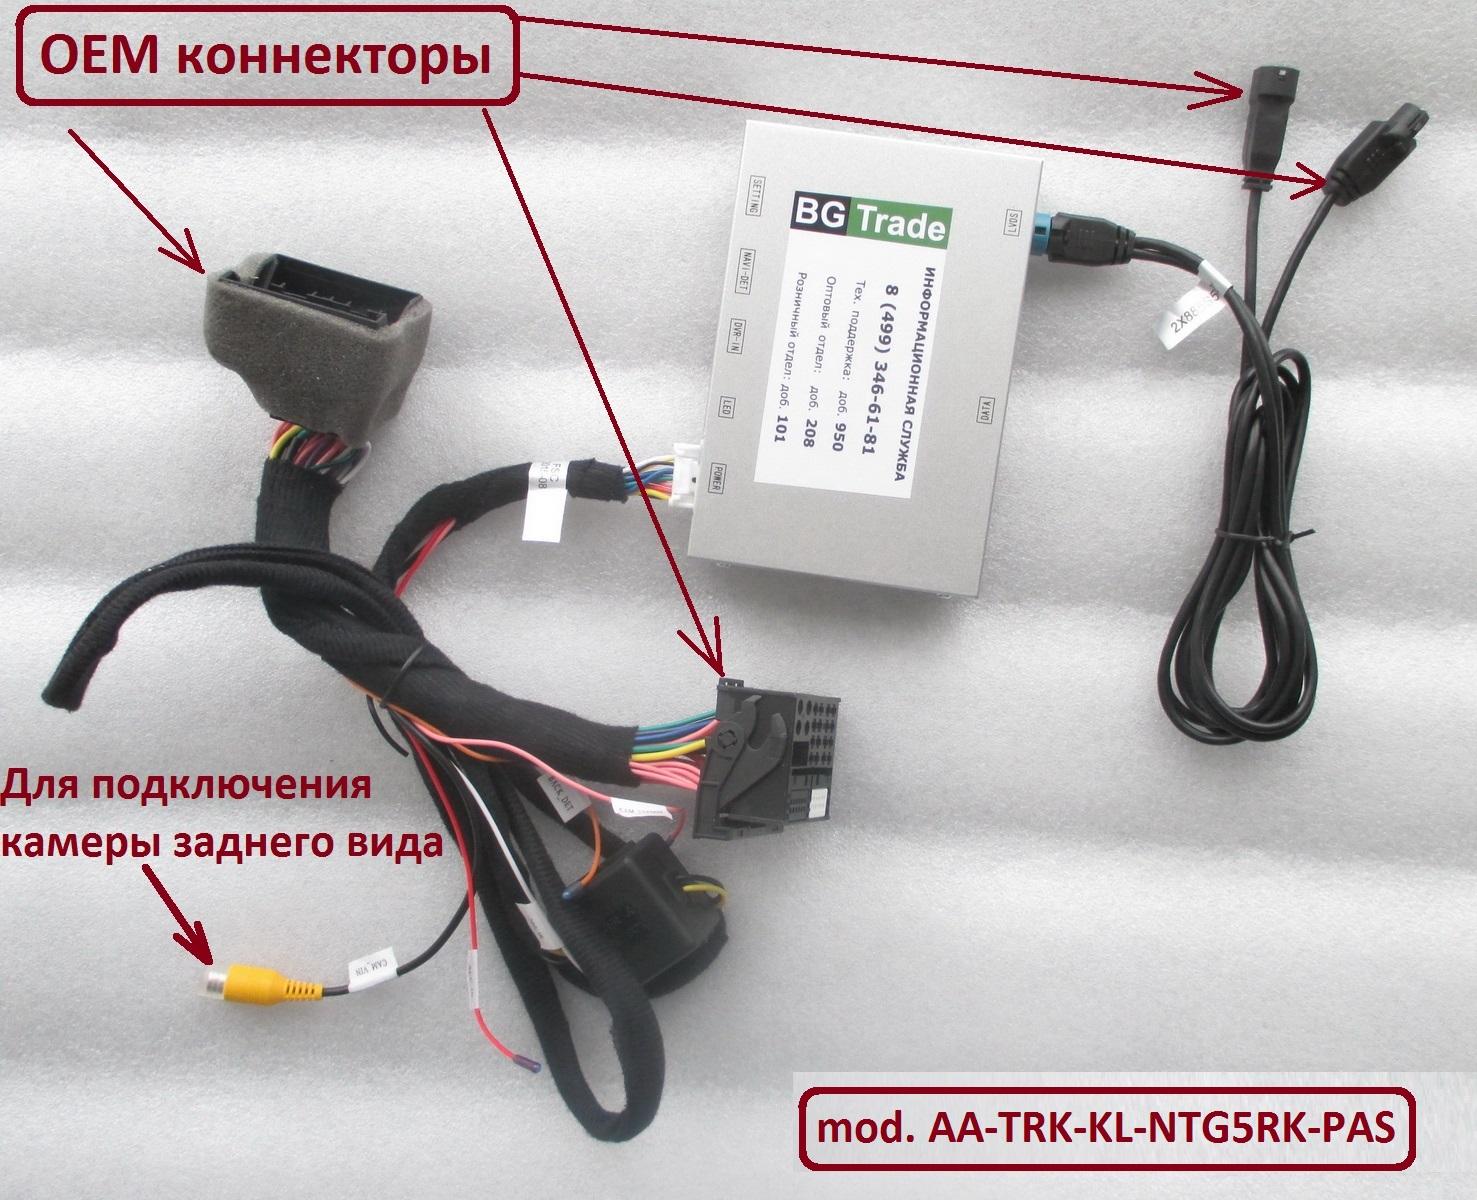 Название: AA-TRK-KL-NTG5RK-PAS.jpg Просмотров: 3051  Размер: 565.0 Кб